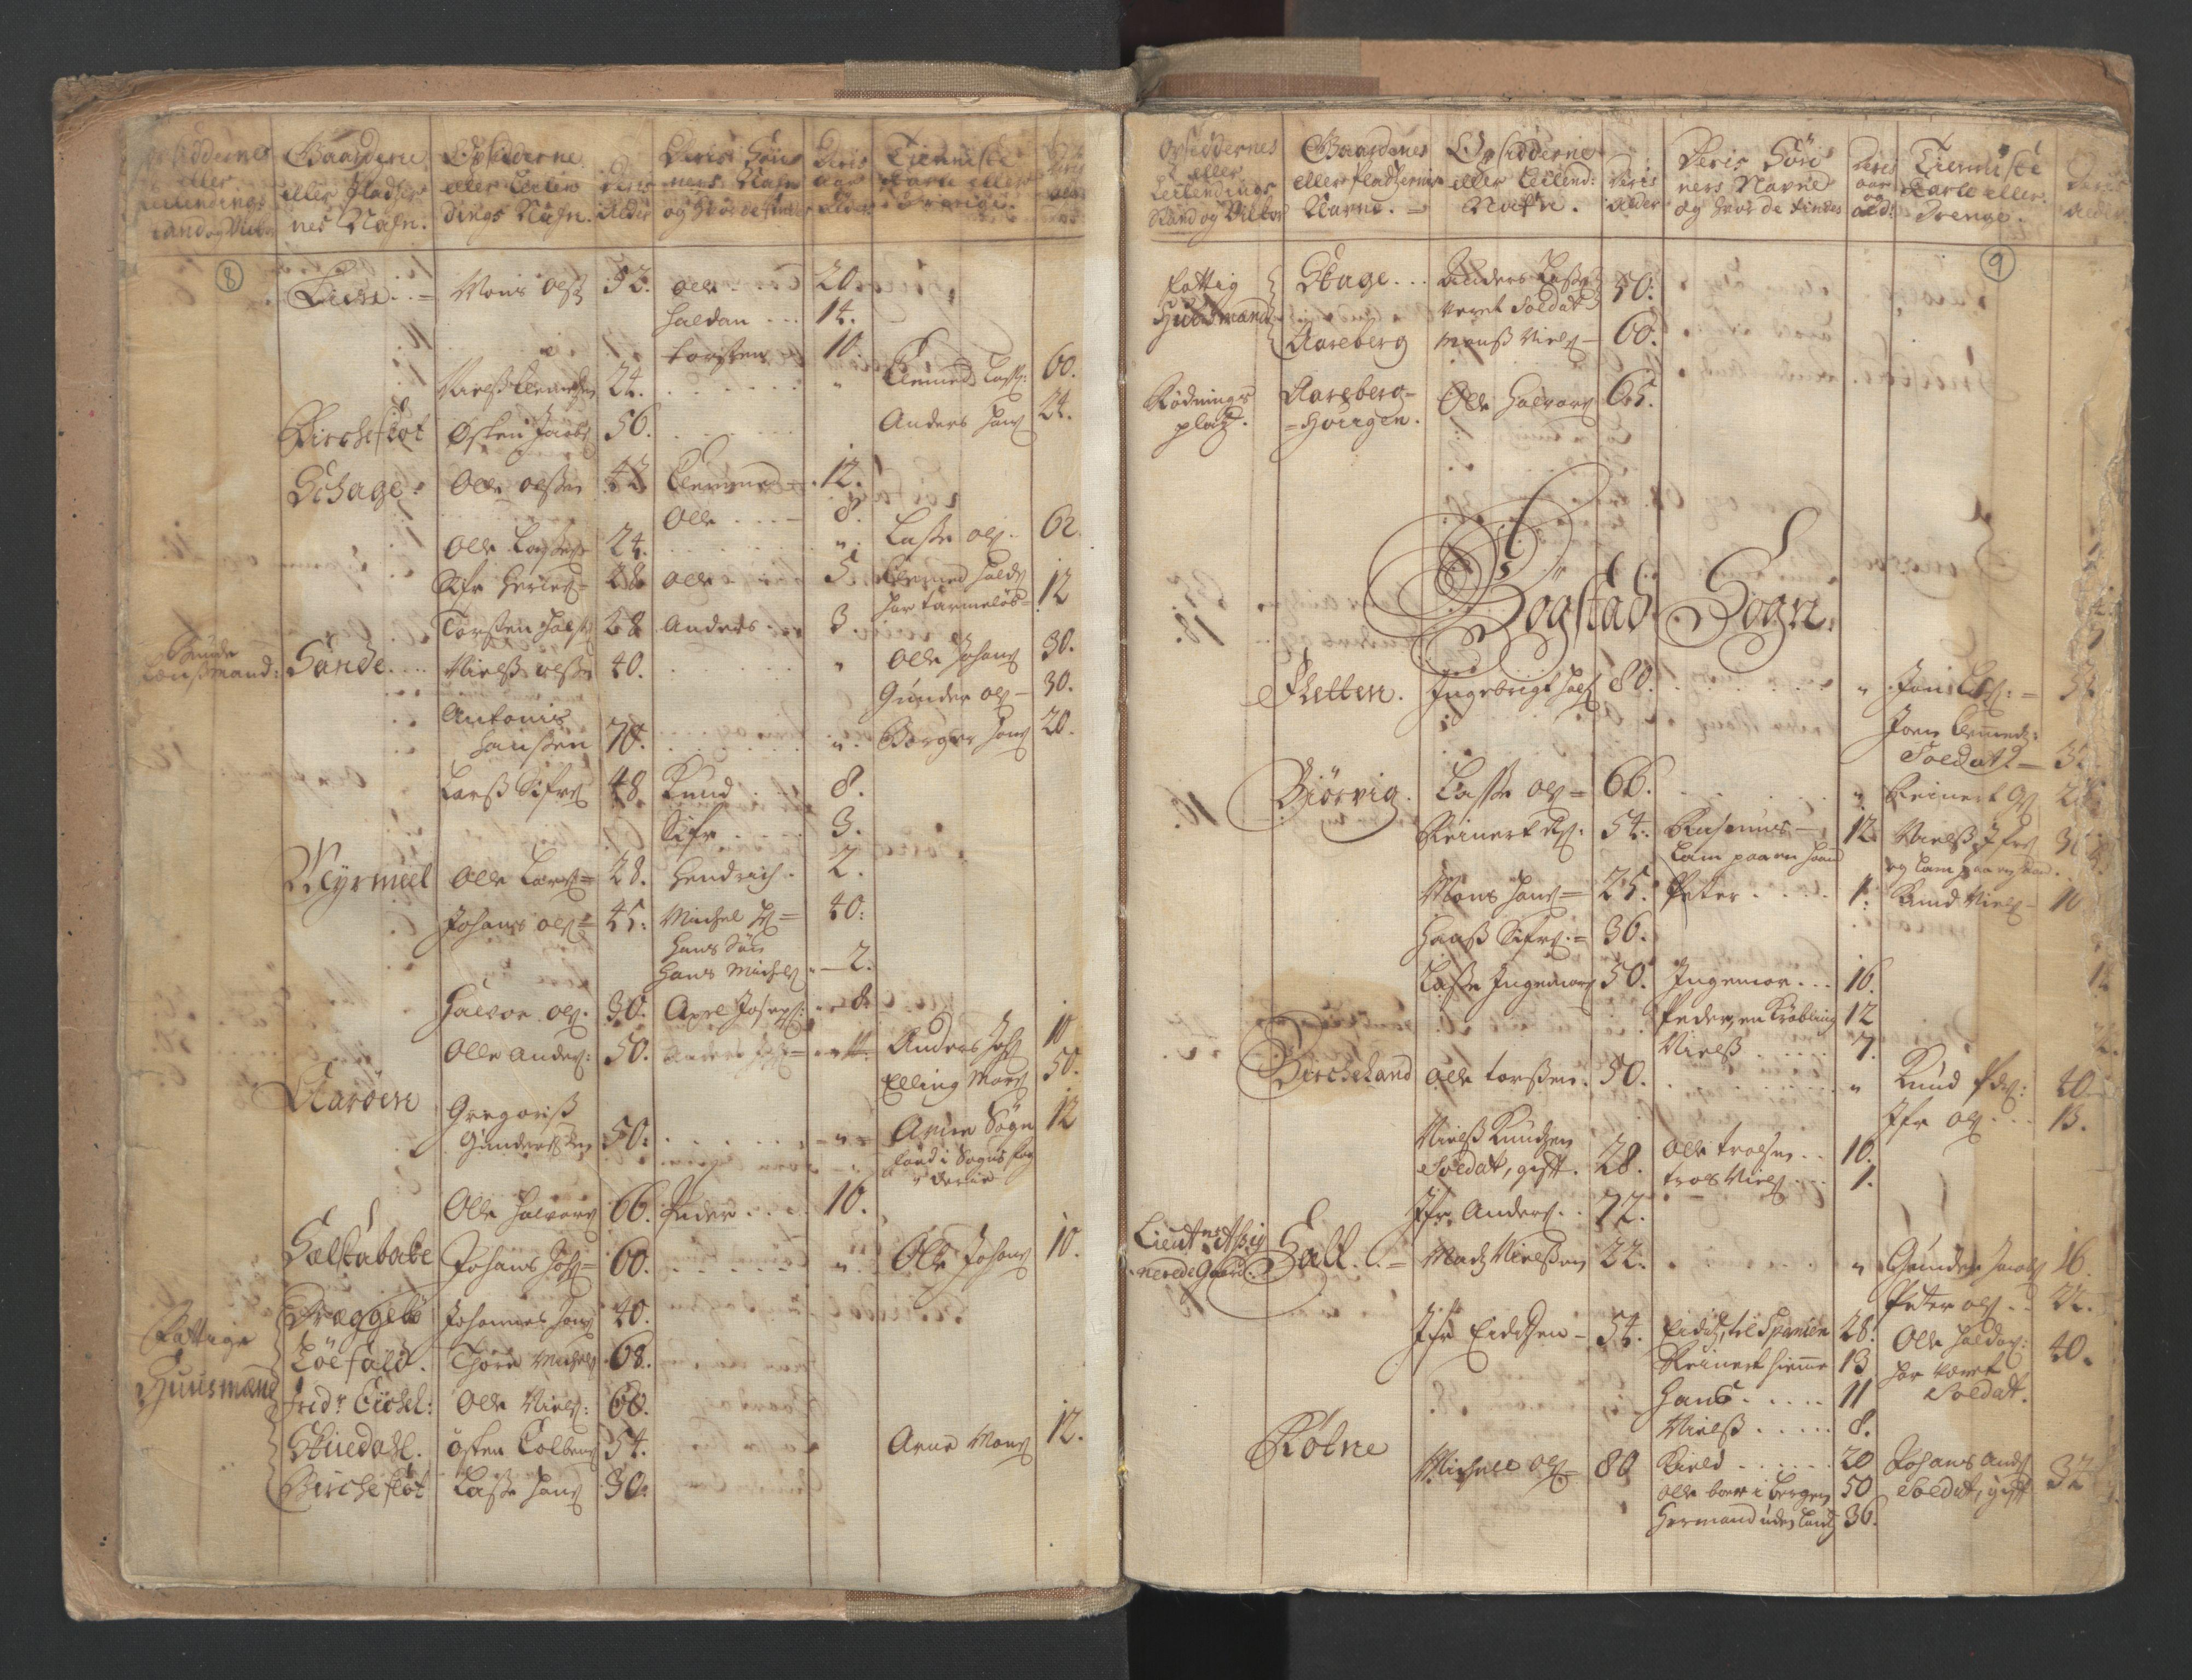 RA, Manntallet 1701, nr. 9: Sunnfjord fogderi, Nordfjord fogderi og Svanø birk, 1701, s. 8-9